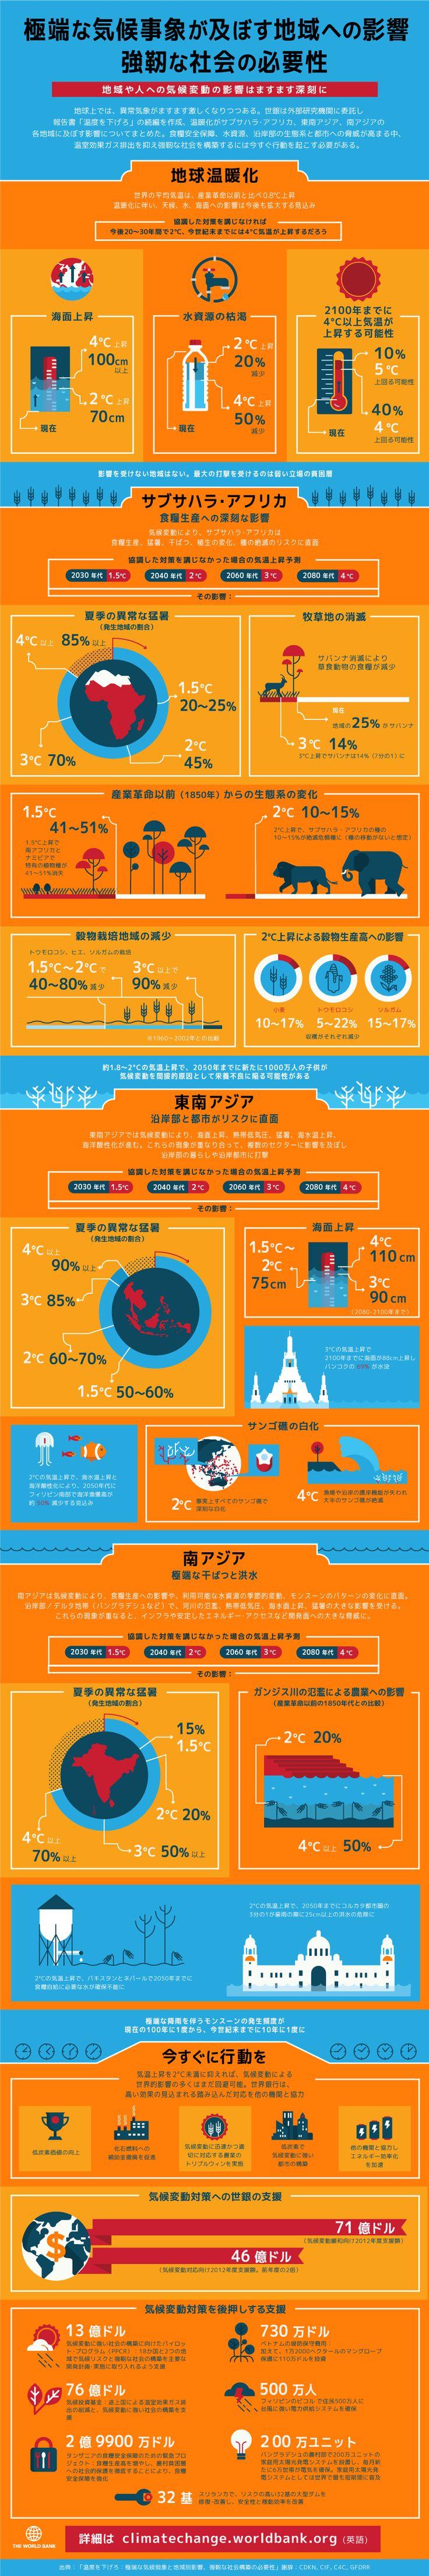 極端な気候事象が及ぼす地域への影響 強靭な社会の必要性 | 世界銀行東京事務所